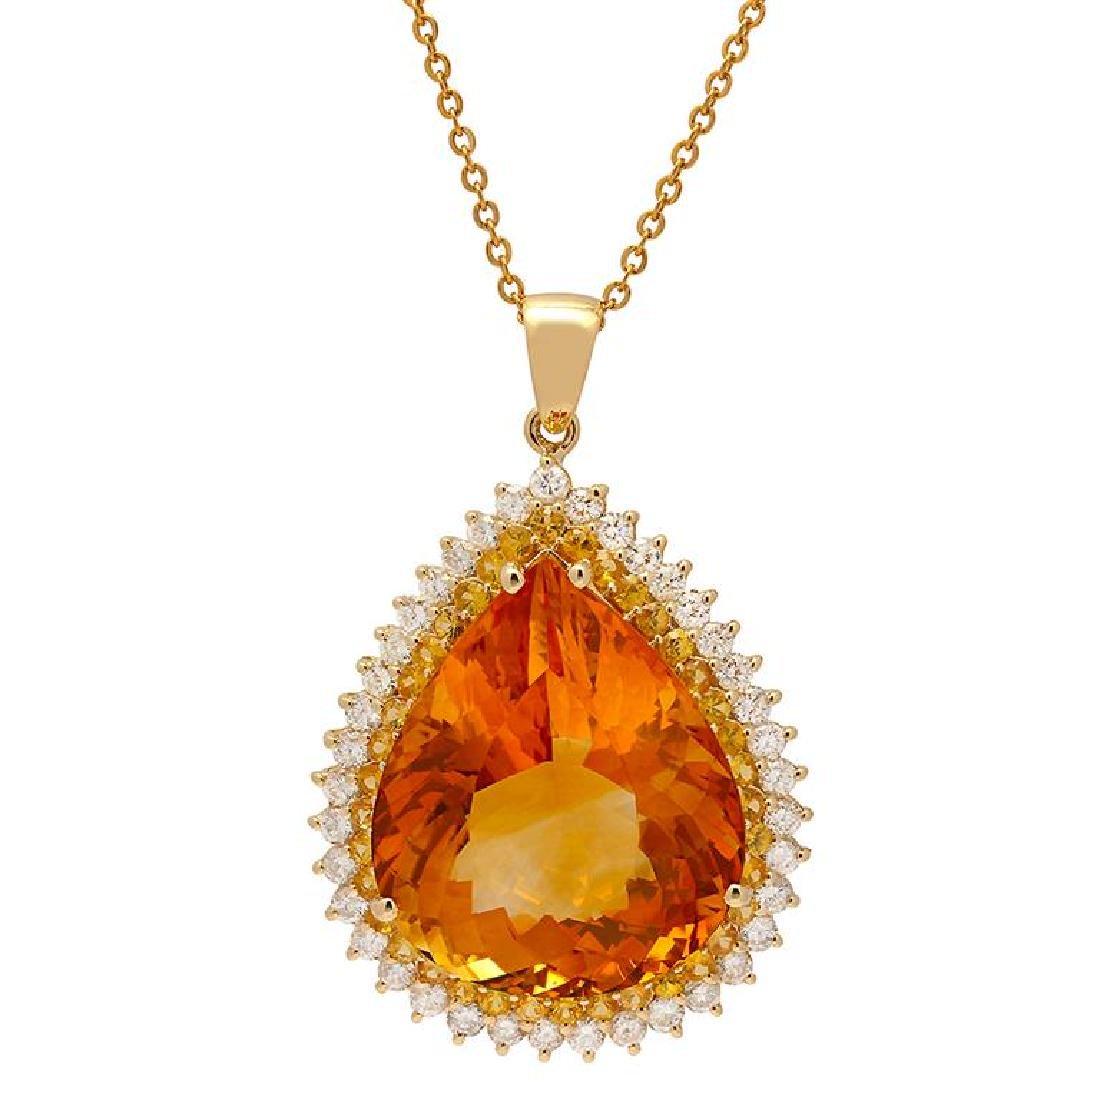 14k Yellow Gold 37.73ct Citrine 1.67ct Yellow Sapphire